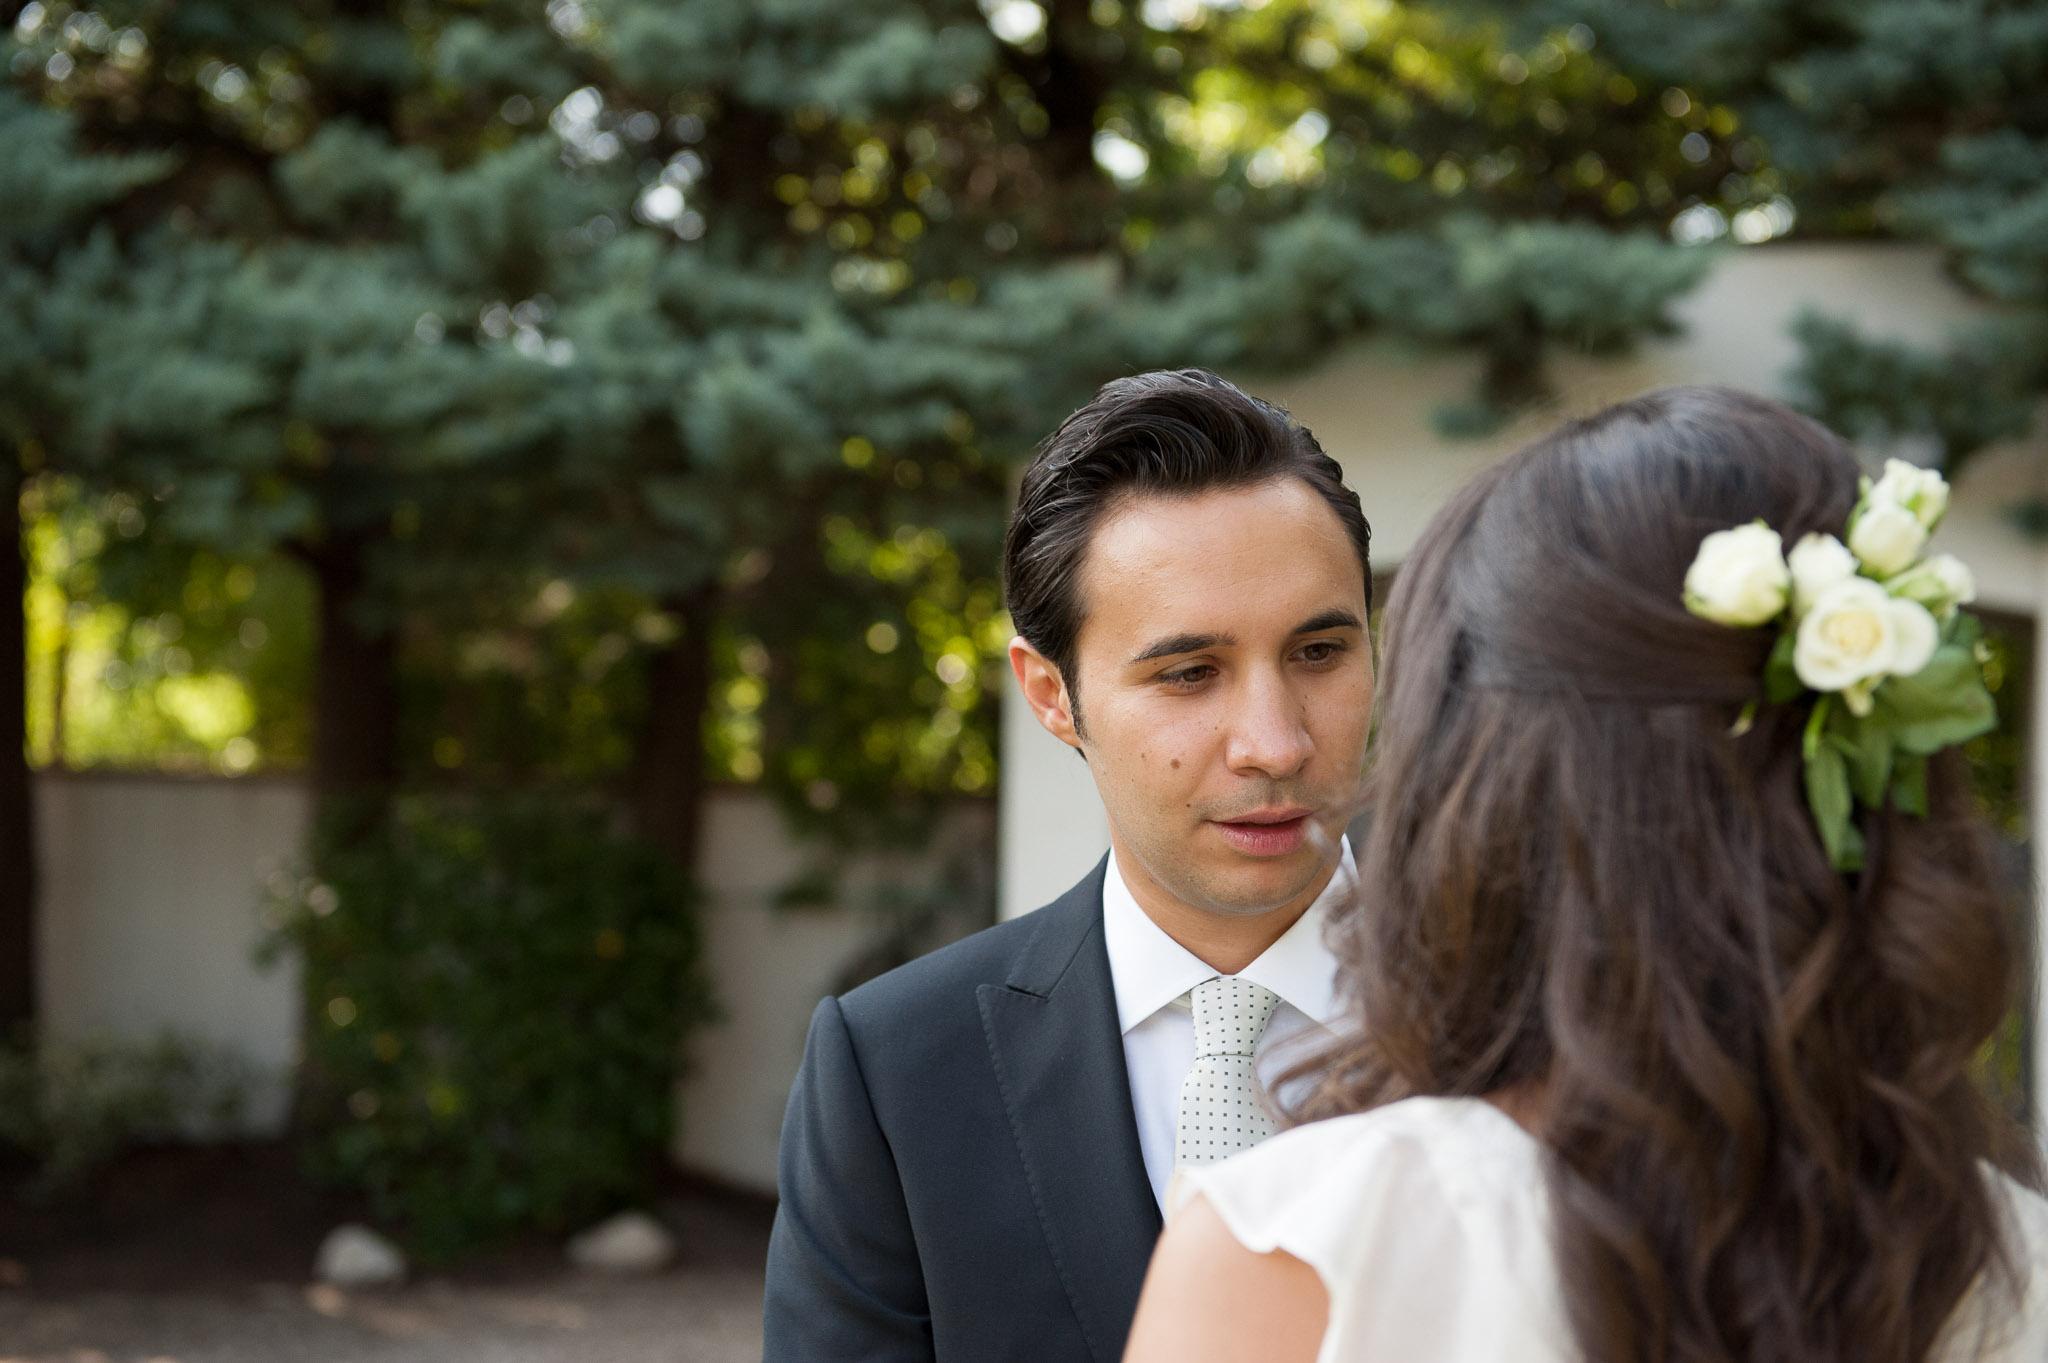 boda en italia_pablosalgado__PSB5871.jpg